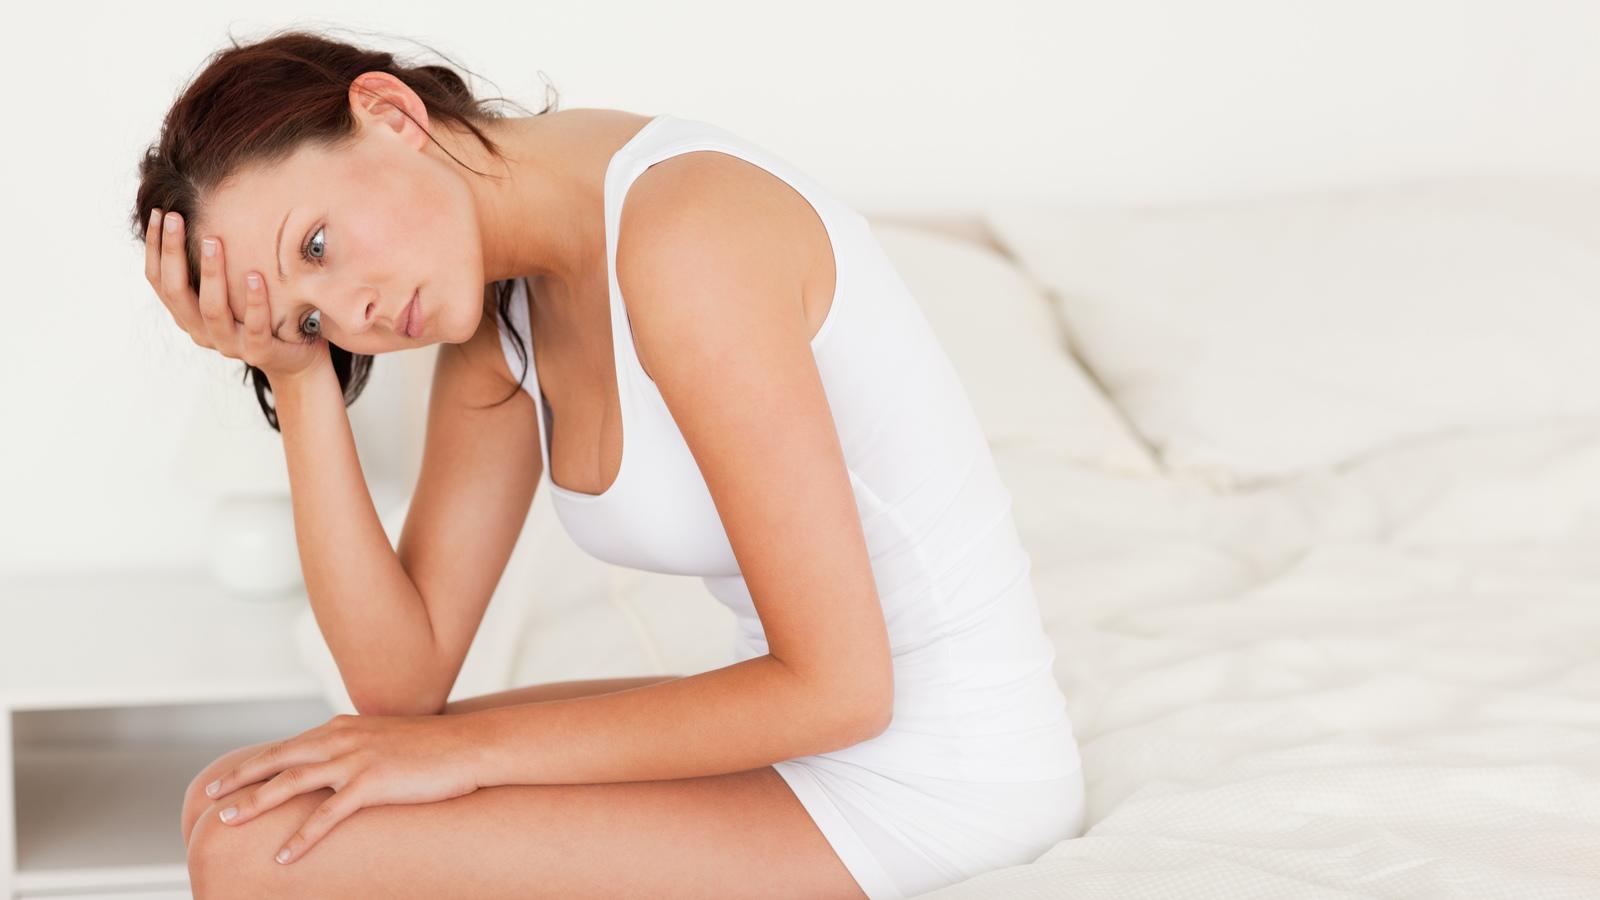 Возможные нарушения менструального цикла